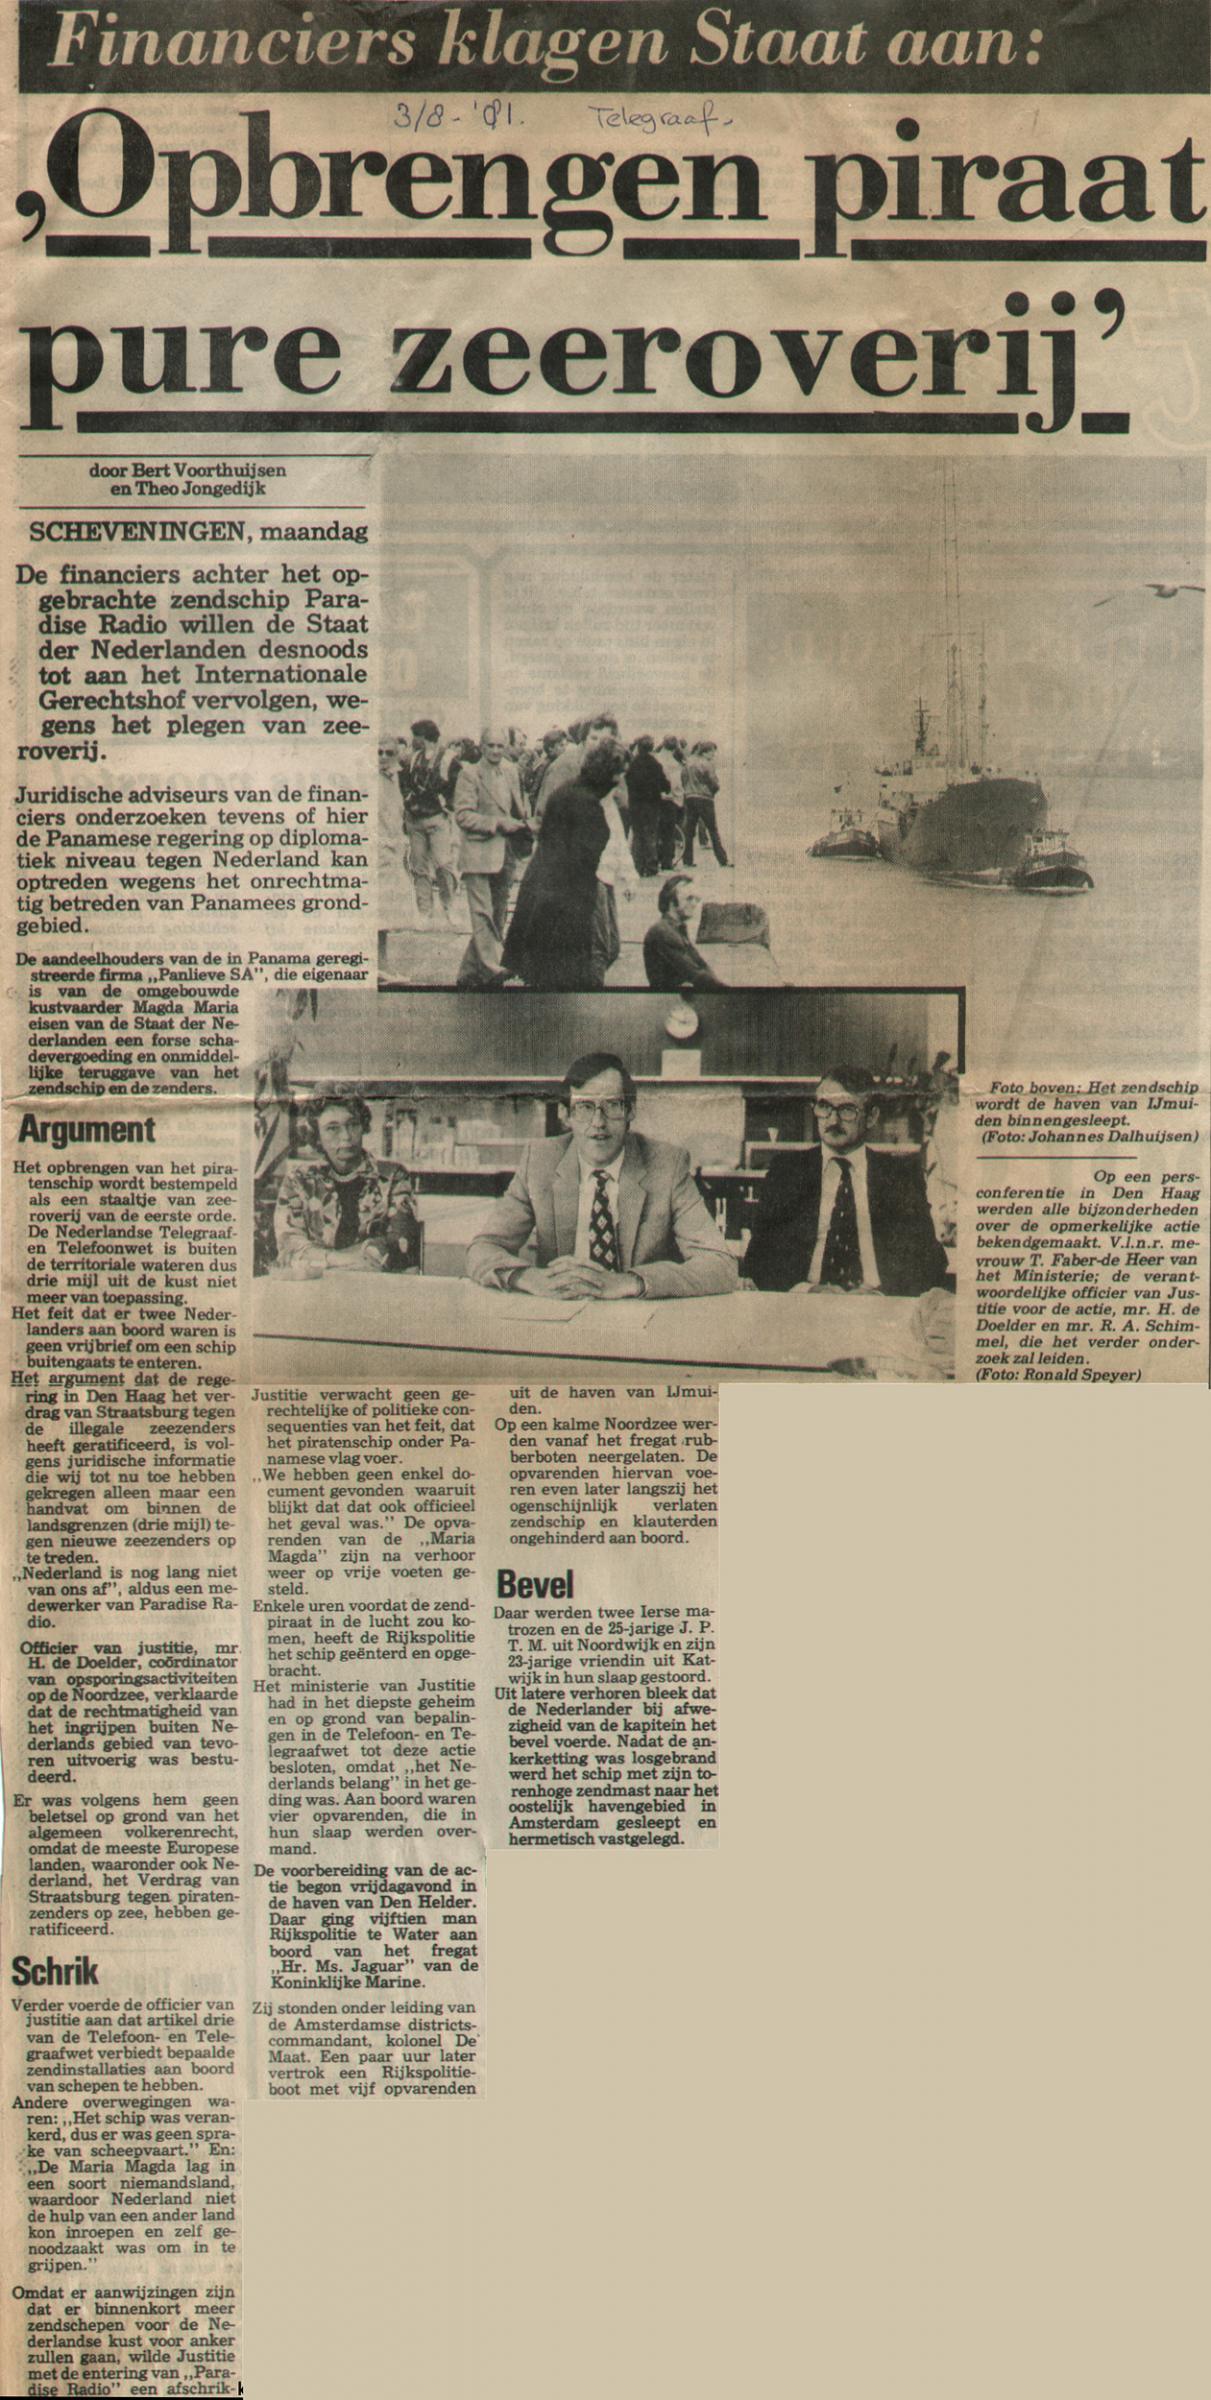 19810803_Telegraaf_Paradijs_opbrengst_zeeroverij.jpg